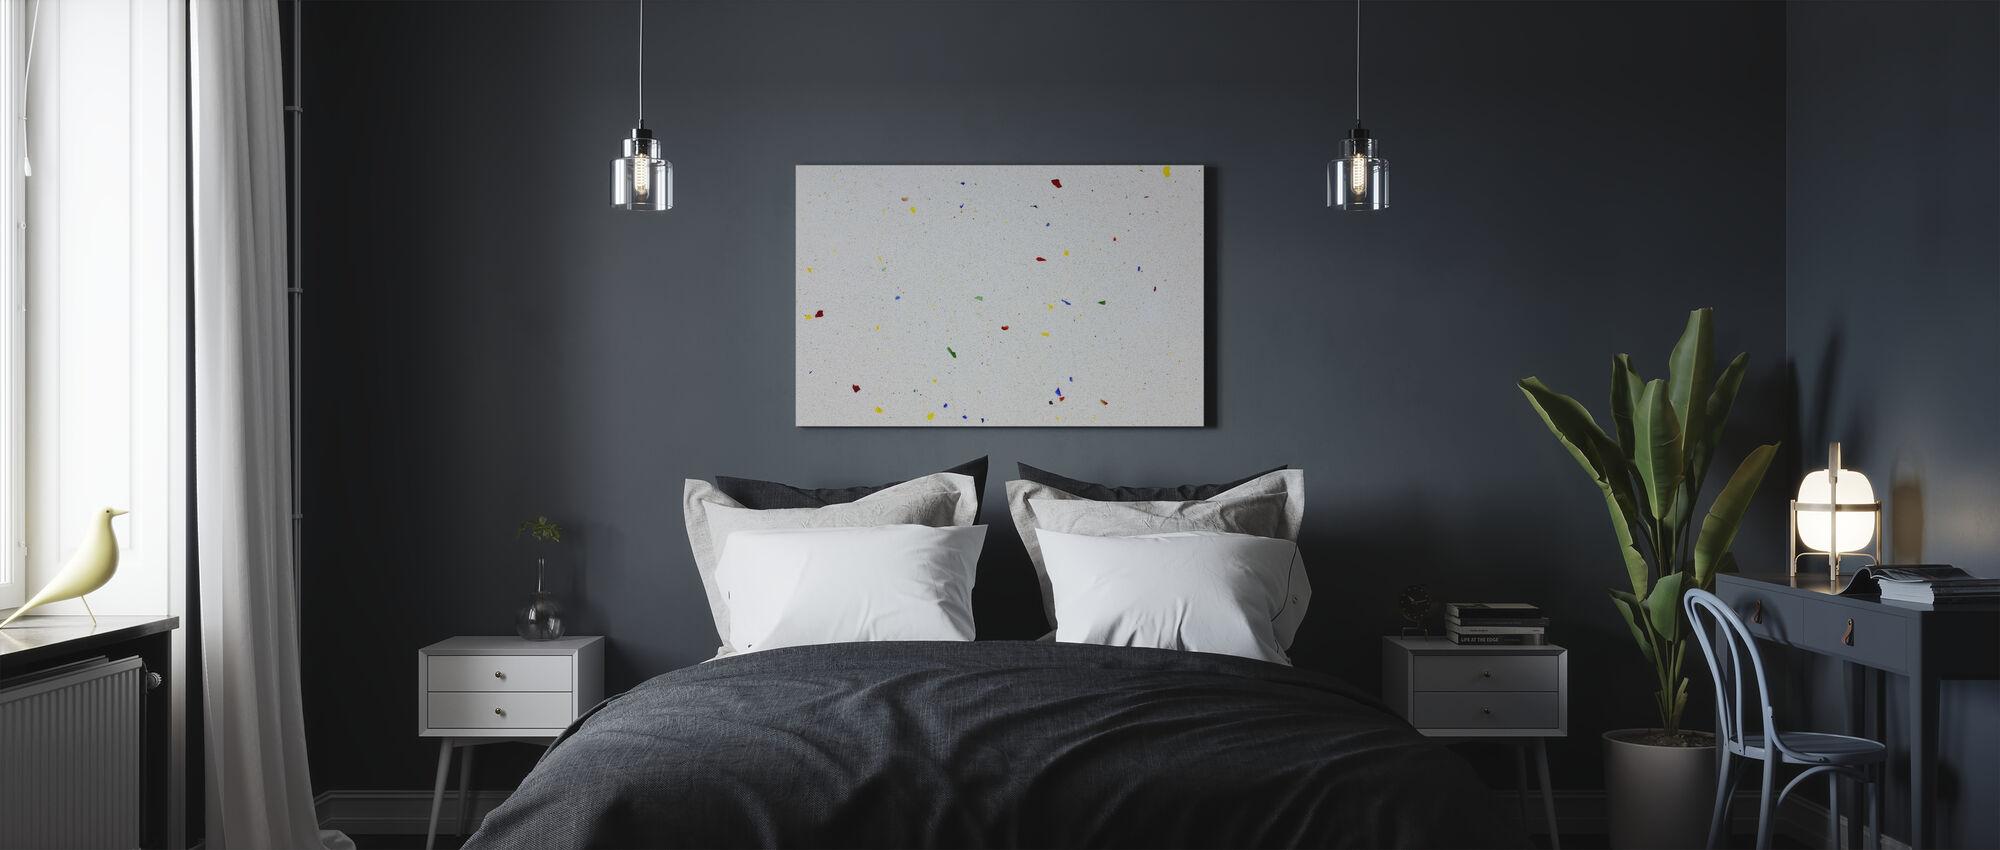 Moniväriset terrazzo - Canvastaulu - Makuuhuone